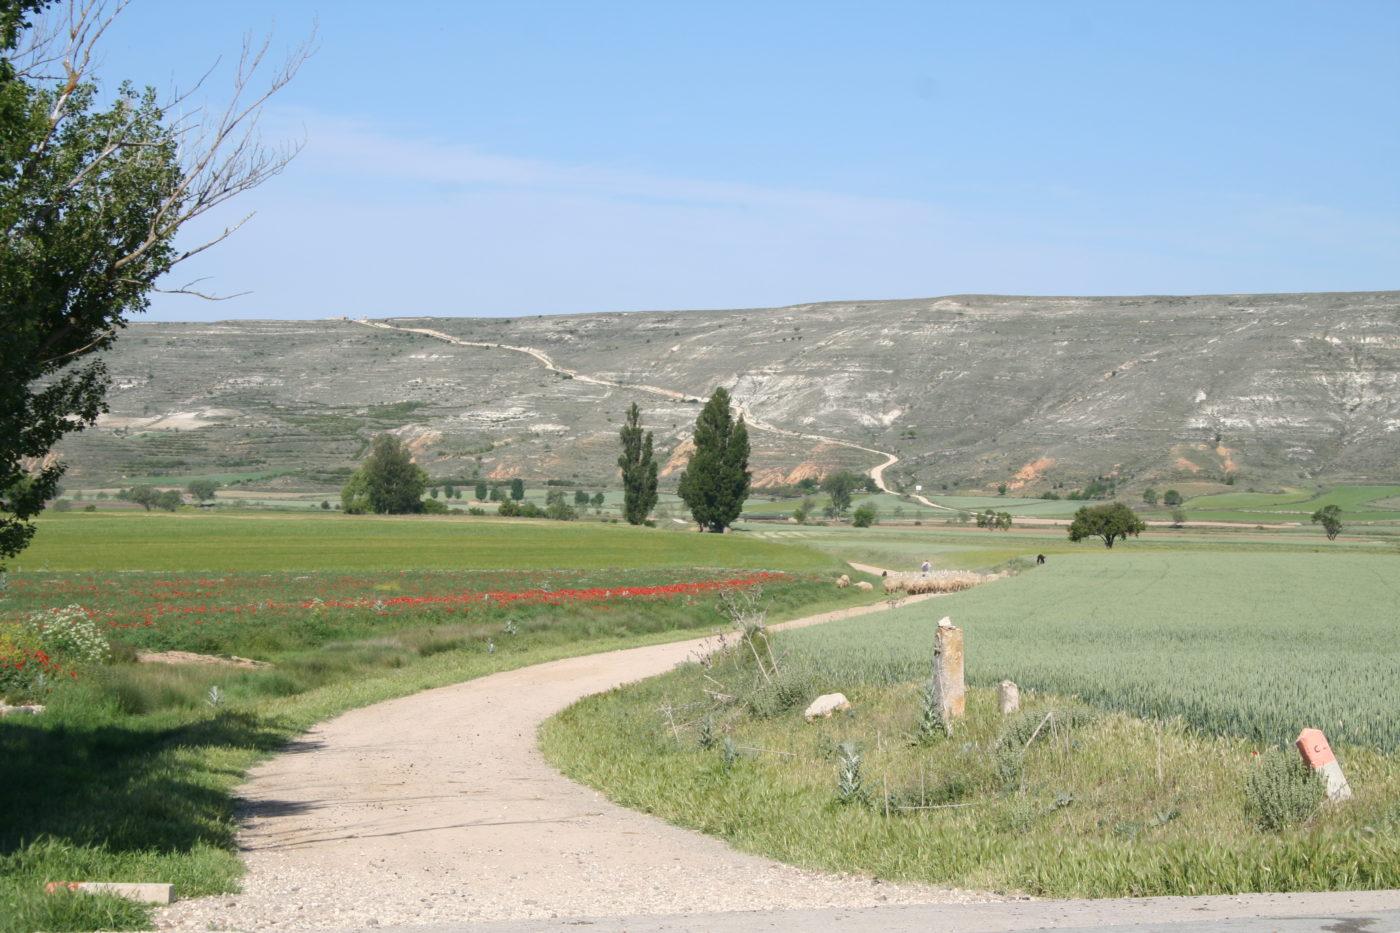 Valley of Castrojerez, Camino de Santiago